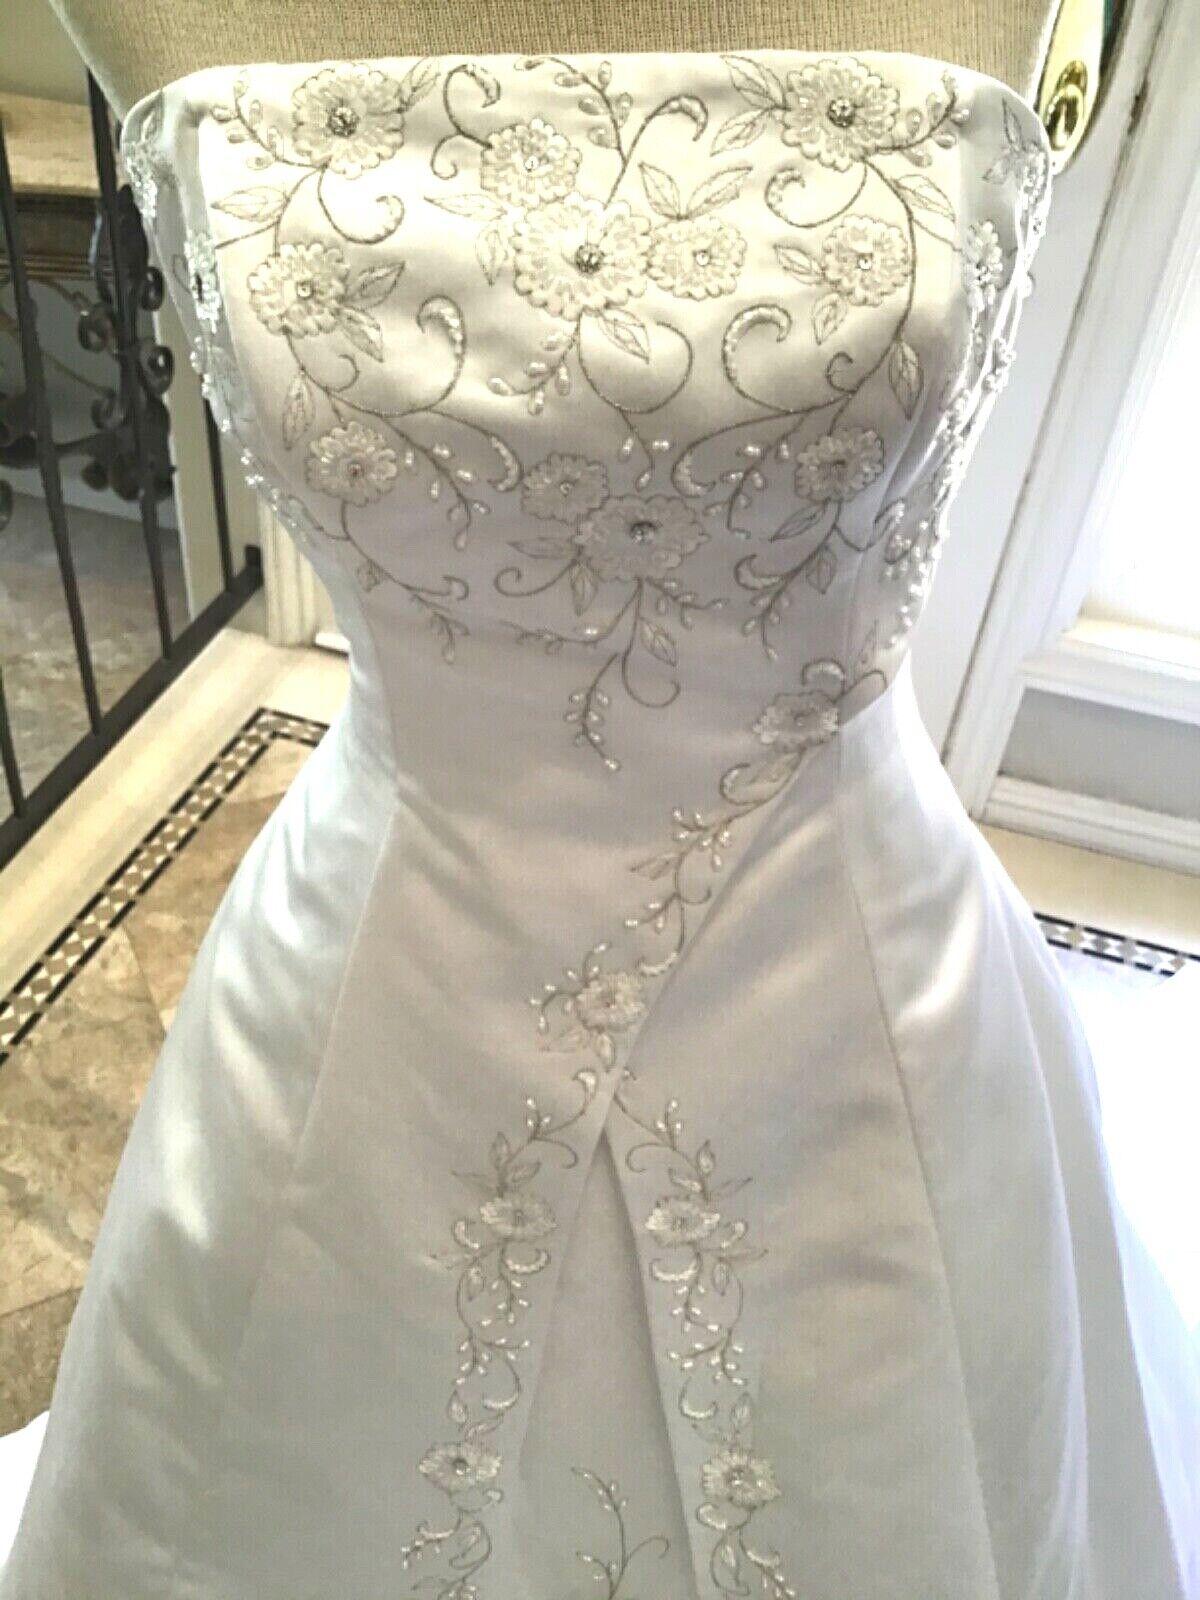 JASMINE Bridal gown Wedding Dress Strapless Corset White satin/Organza 8 New